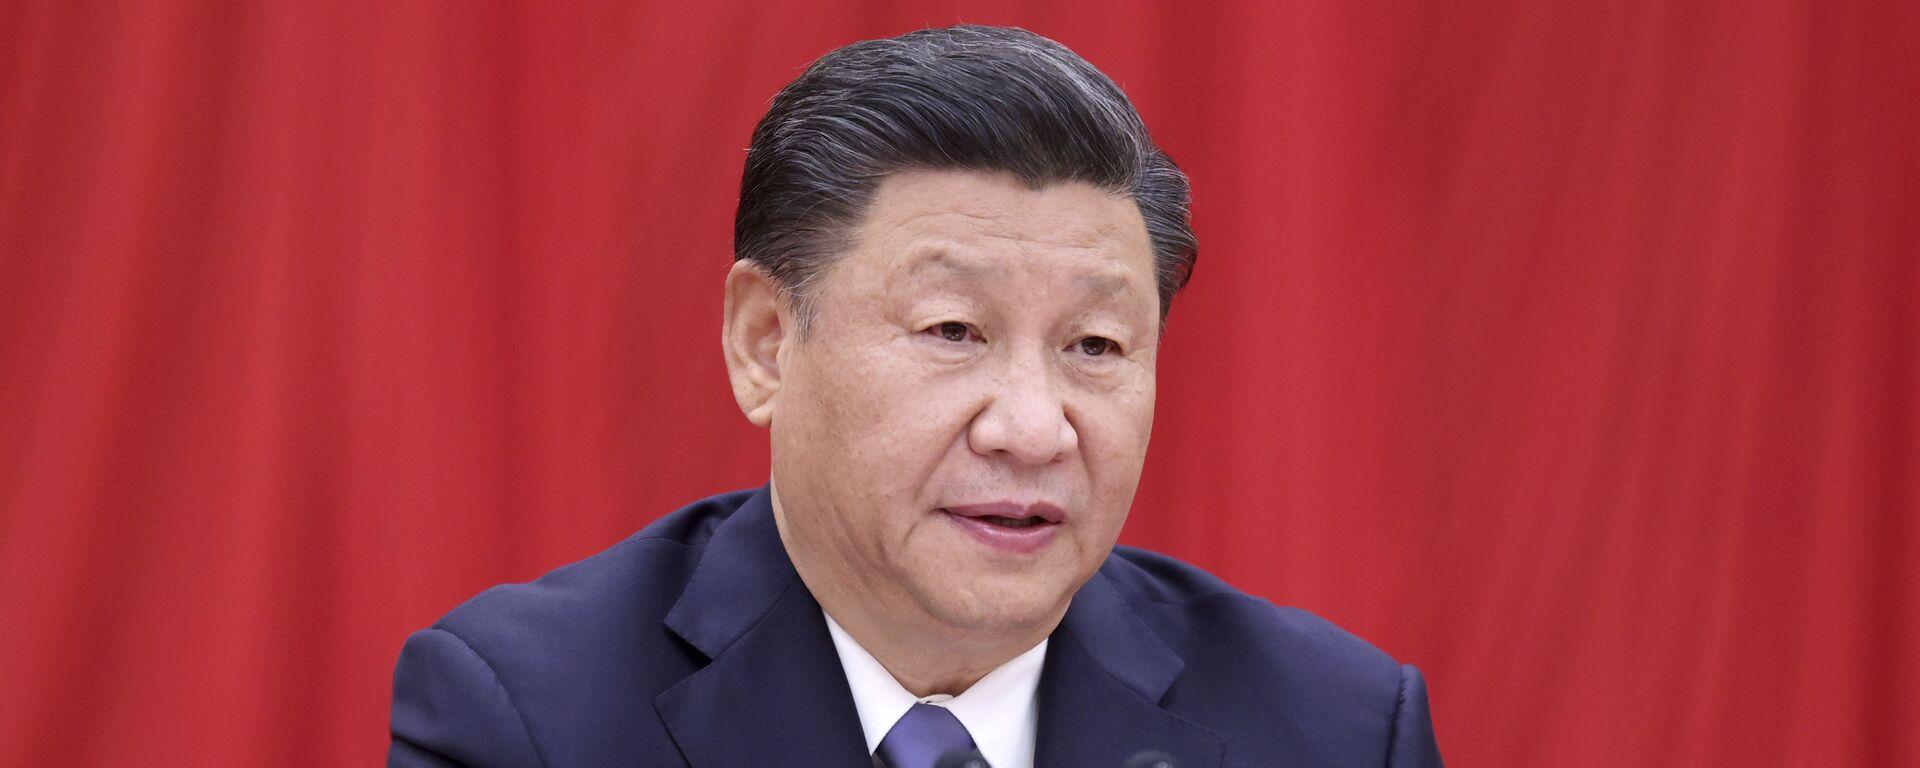 Chủ tịch nước Cộng hòa Nhân dân Trung Hoa Tập Cận Bình - Sputnik Việt Nam, 1920, 09.10.2021